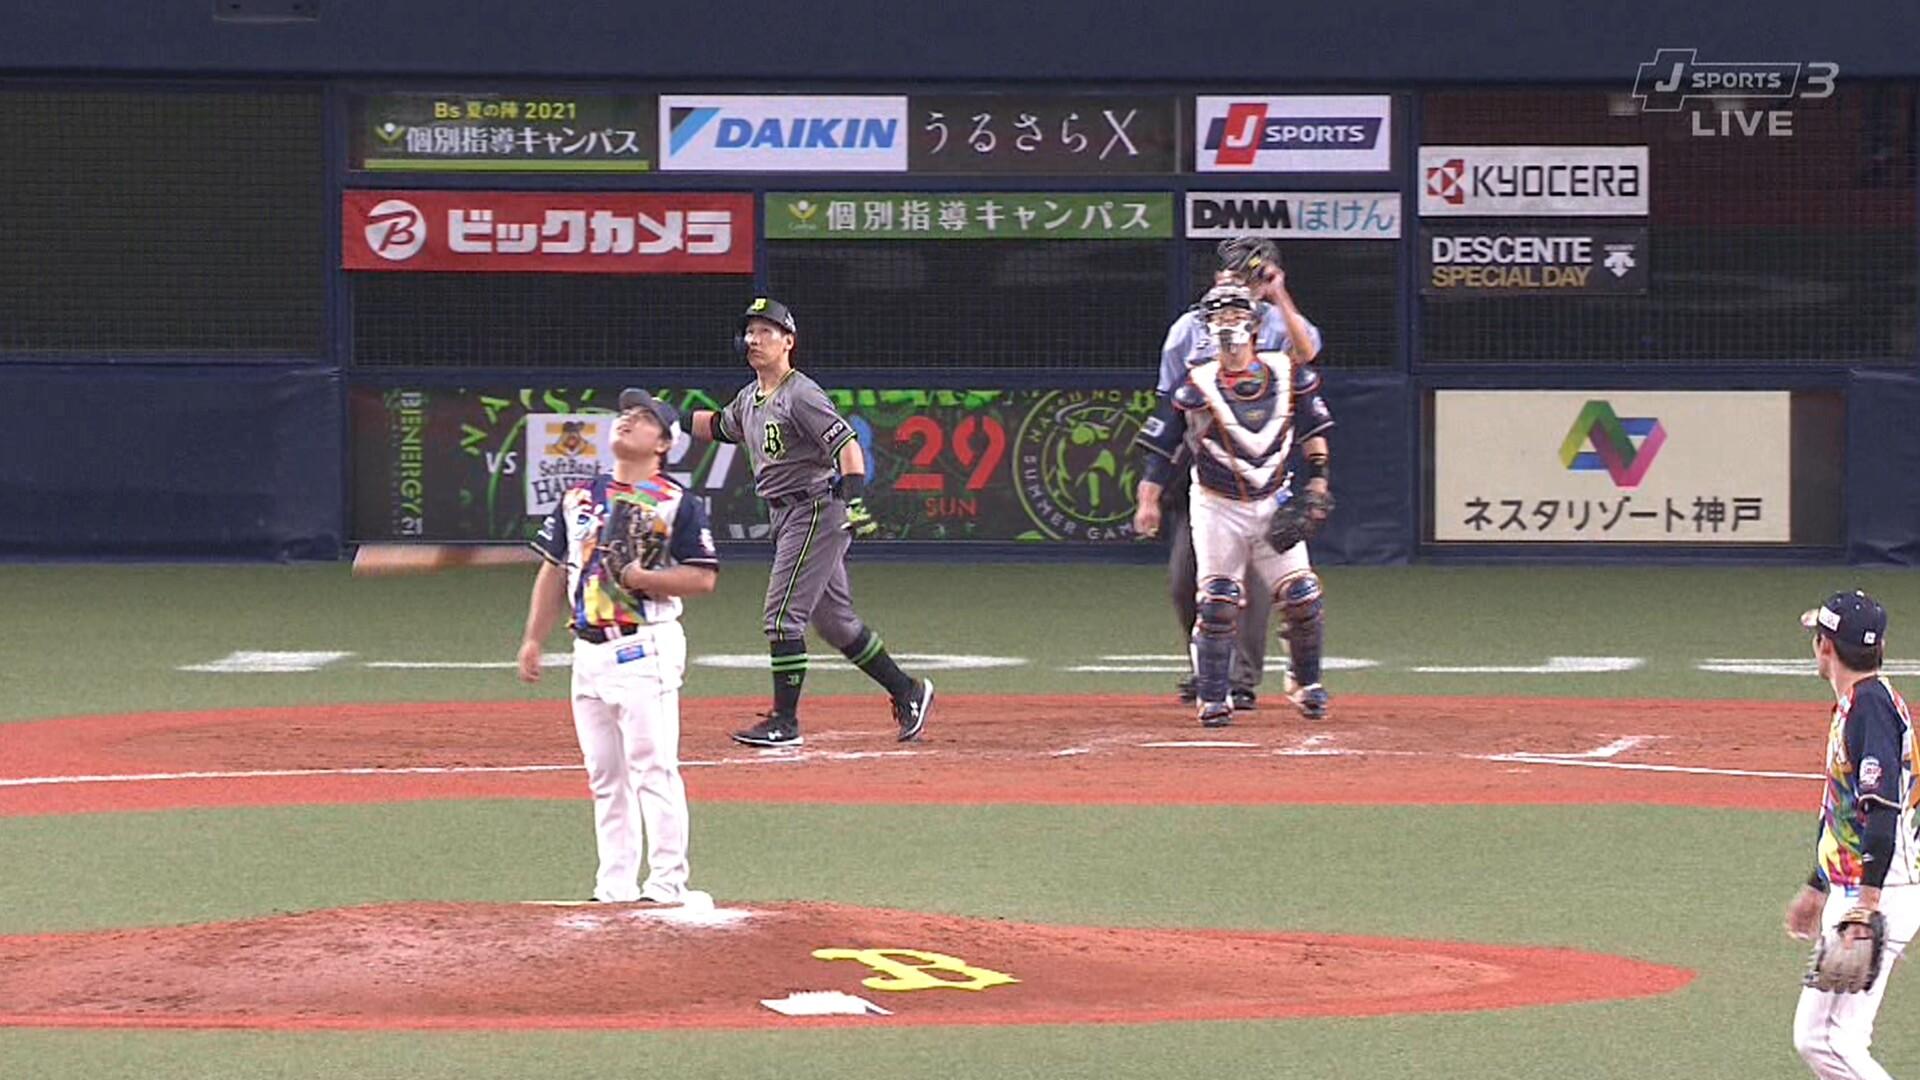 吉田正尚、サヨナラ犠牲フライ確信歩き! 山本由伸は自身初の10勝目